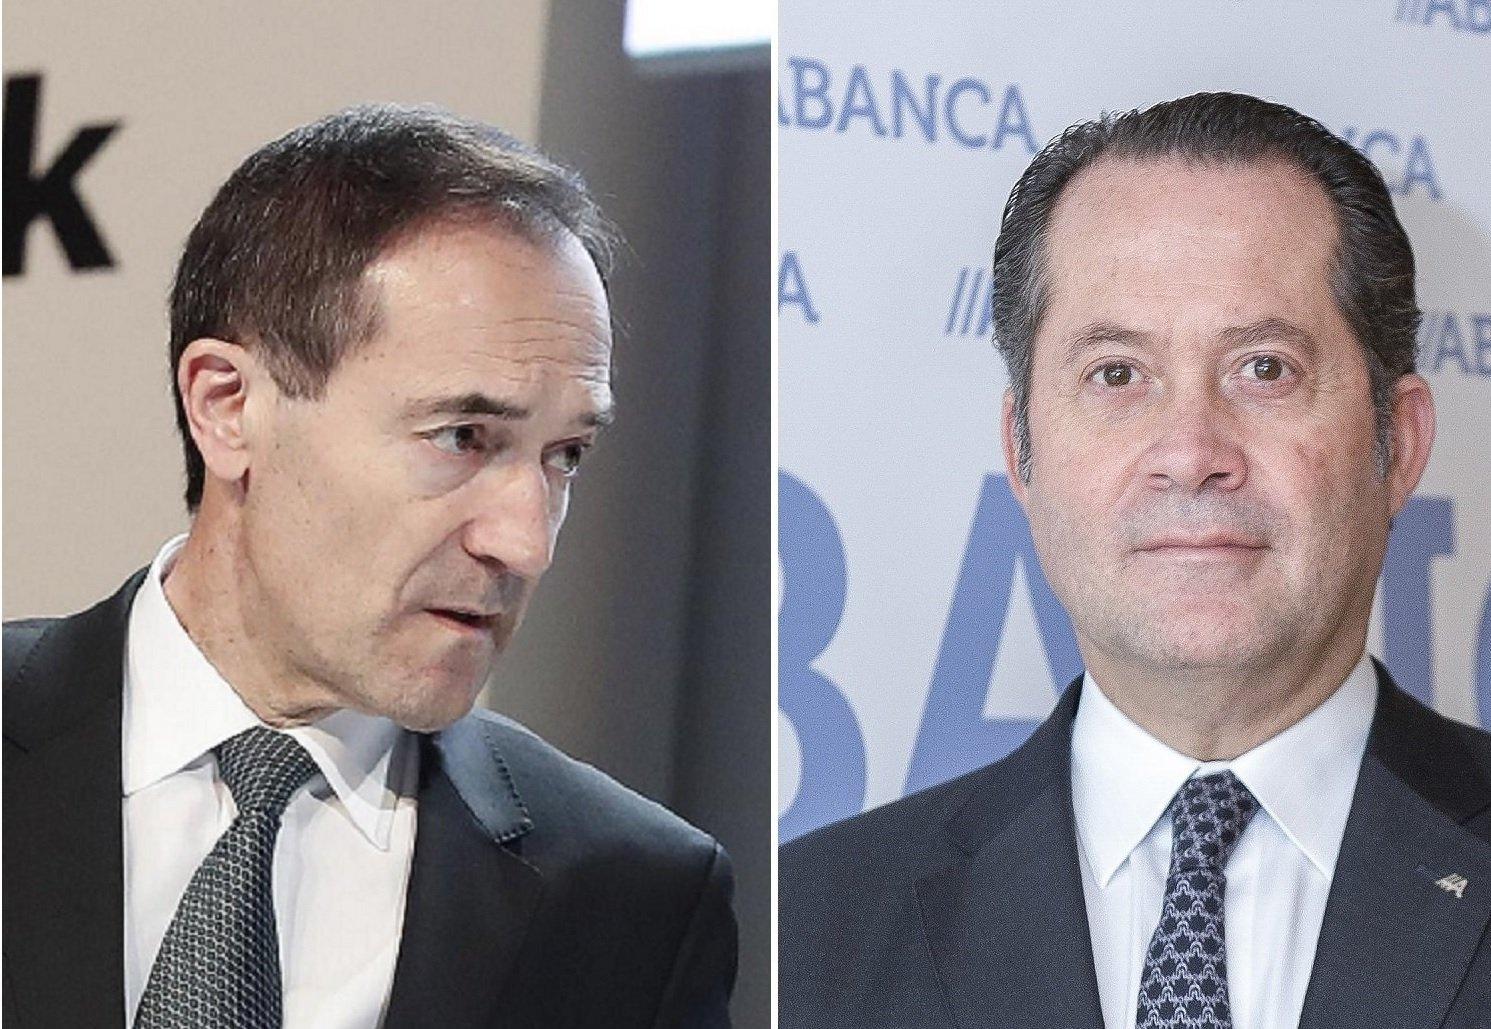 Juan Carlos Escotet (Abanca) (derecha) fuerza una fusión con Liberbank, entidad que dirige Manuel Menéndez